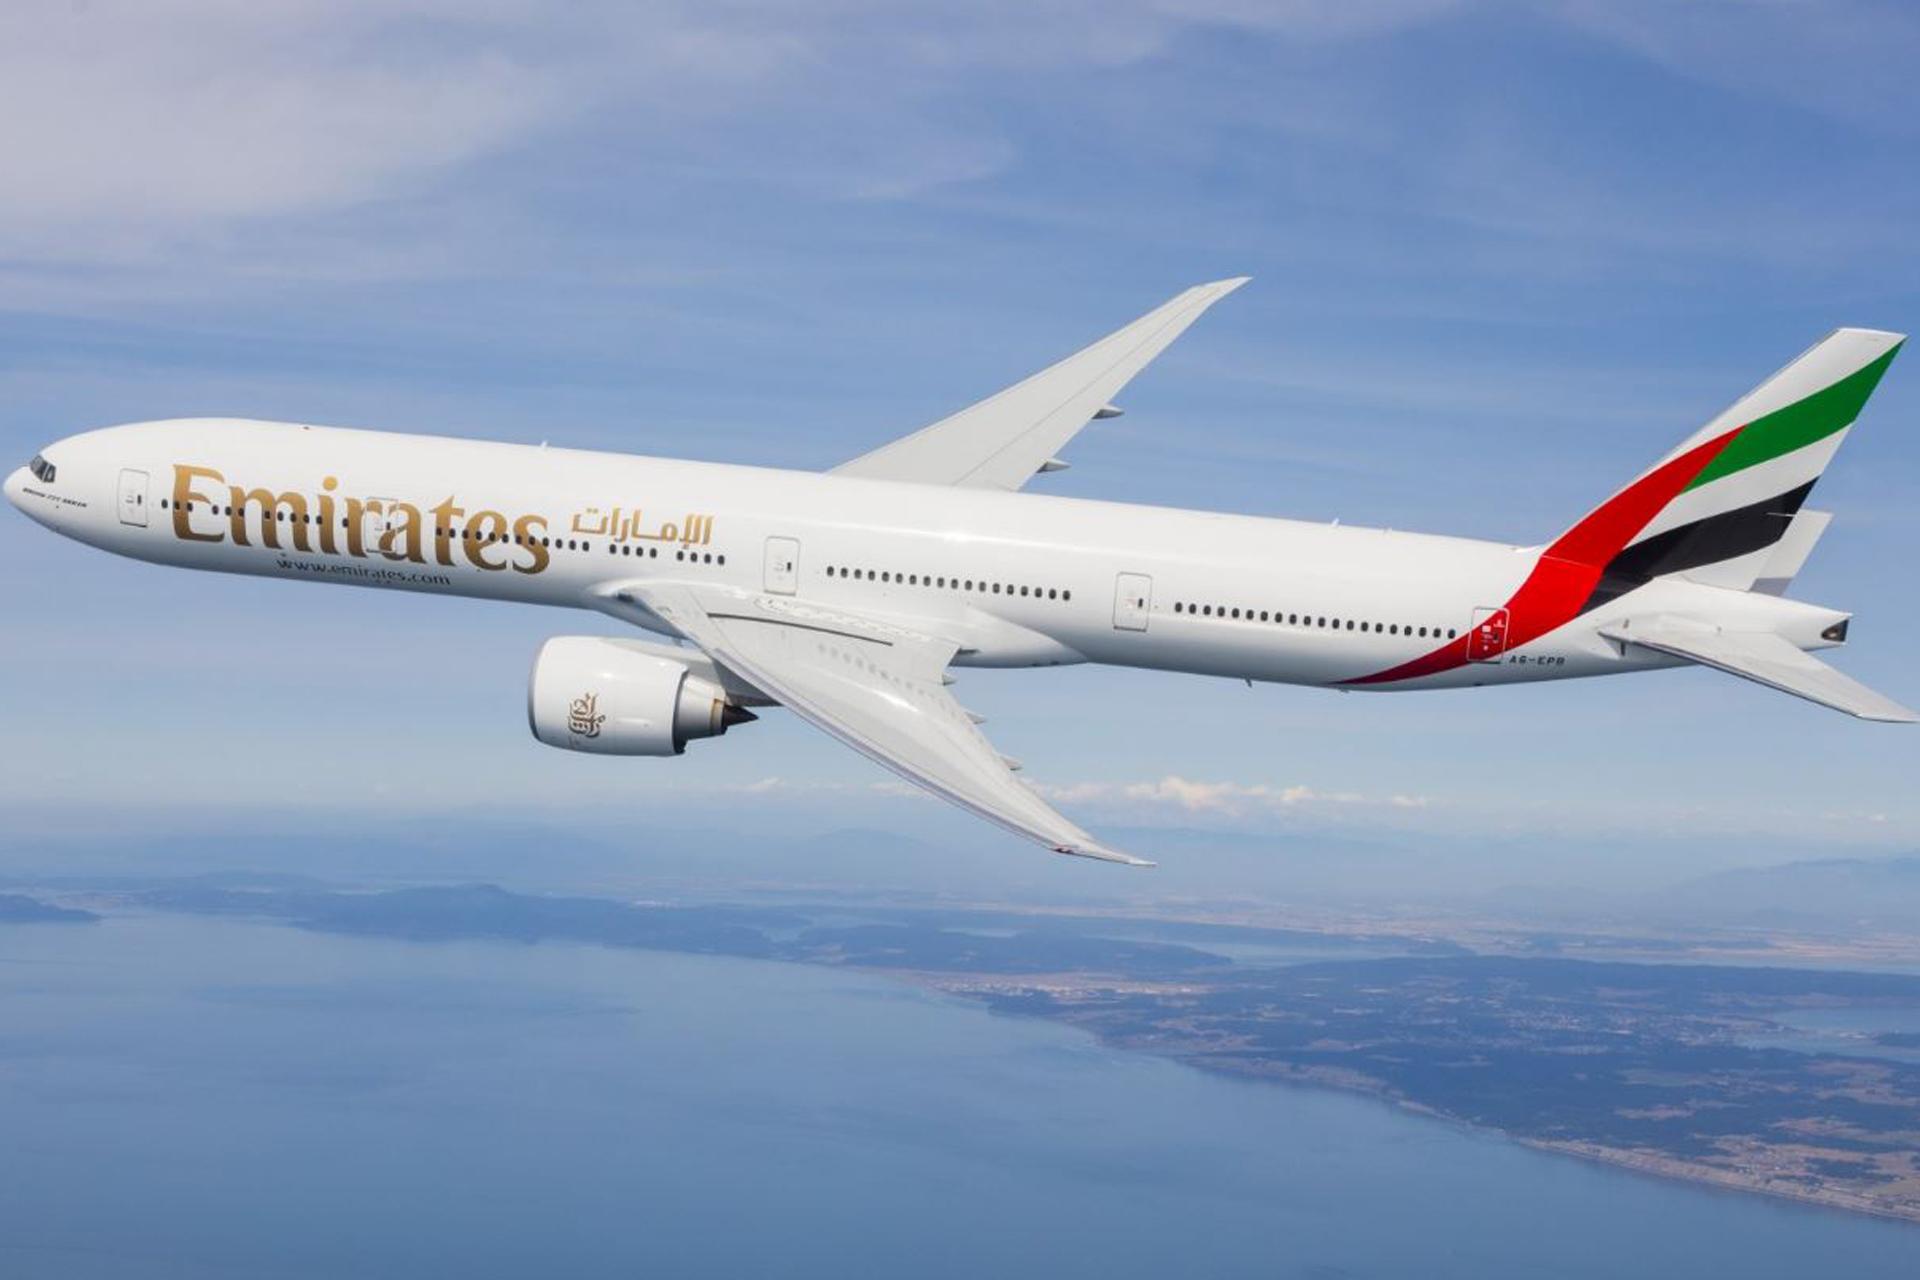 طيران الإمارات تطلق خدمات عطلة الربيع إلى المالديف وسيشيل